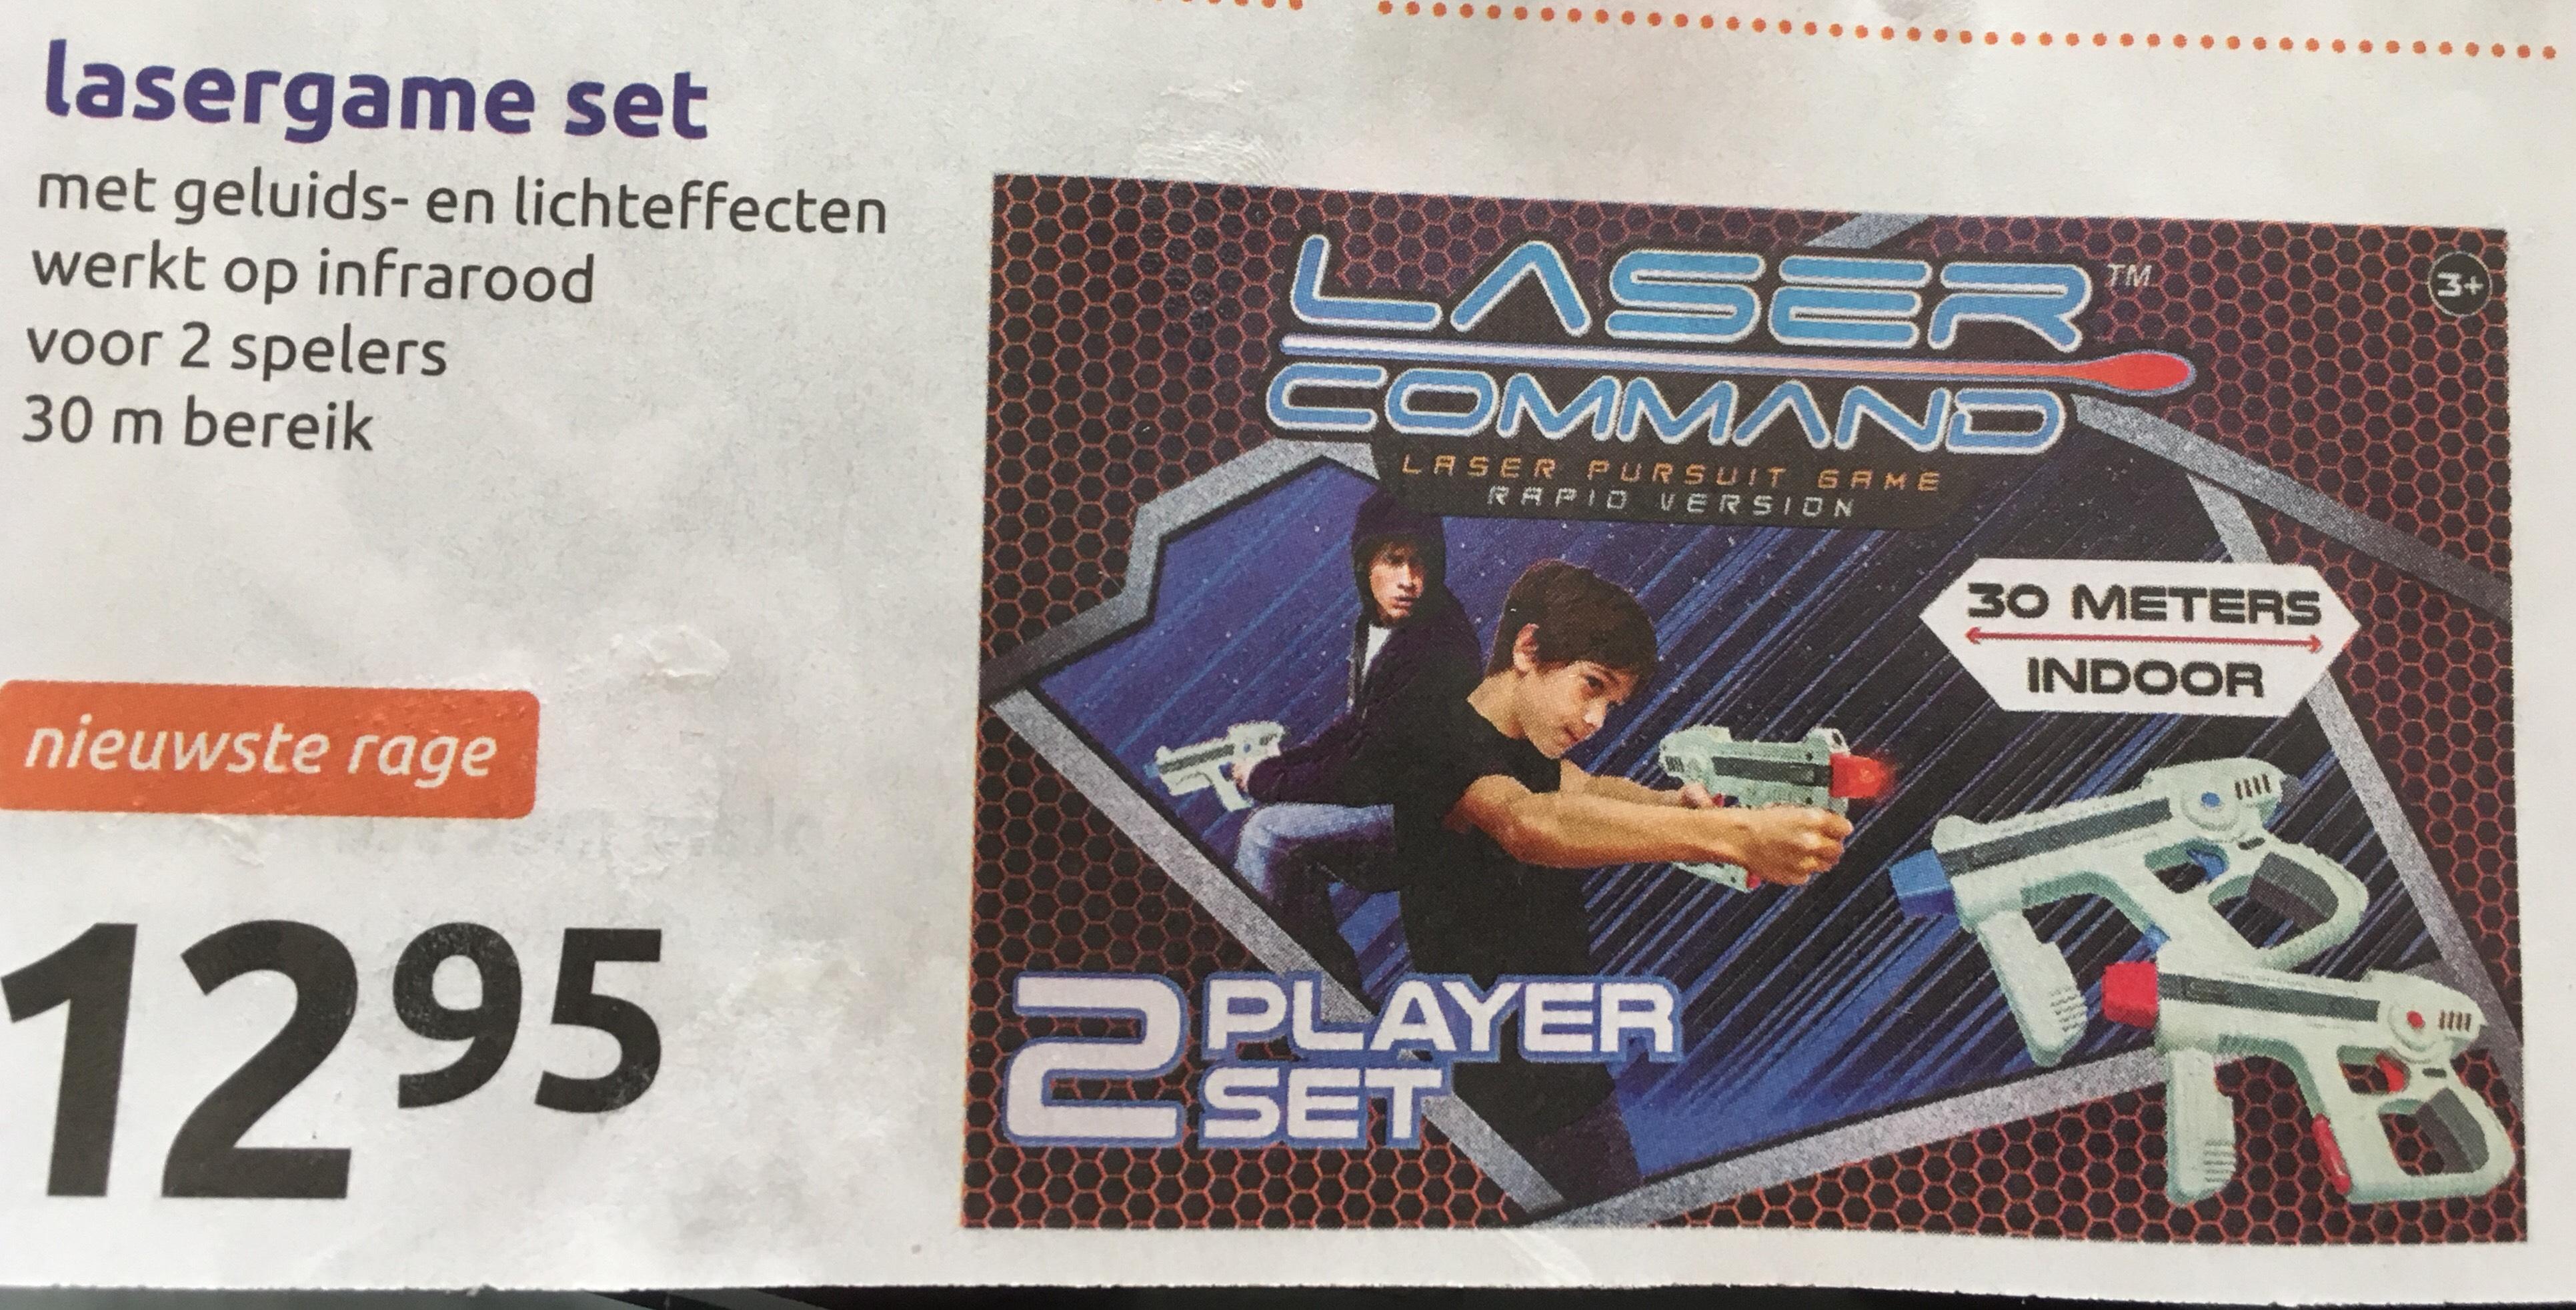 Vette Lasergame set 2 spelers van de Action